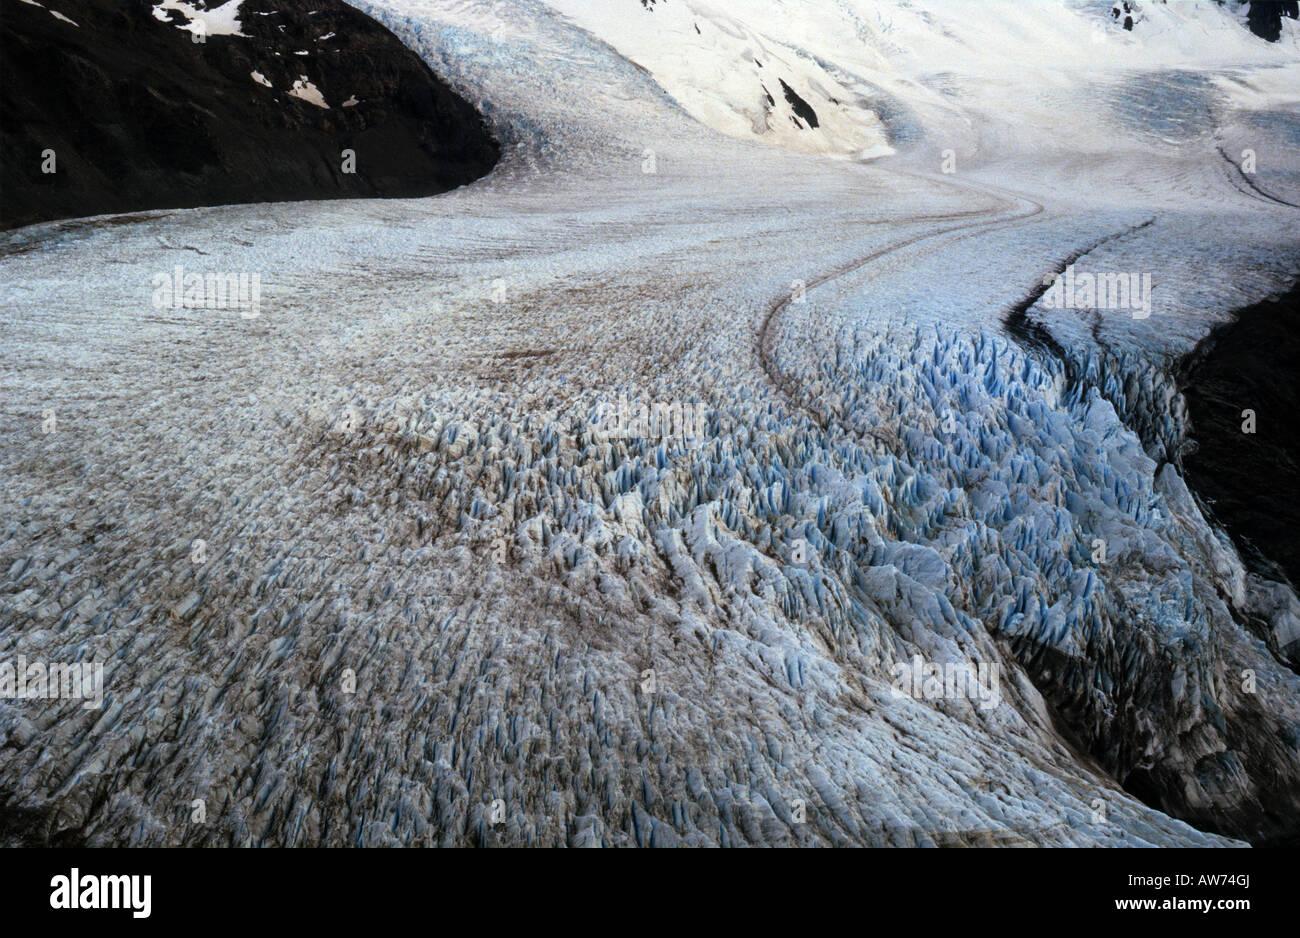 El Glaciar túnel (Tunnel Glaciares) en Santa Cruz, Patagonia Argentina Imagen De Stock